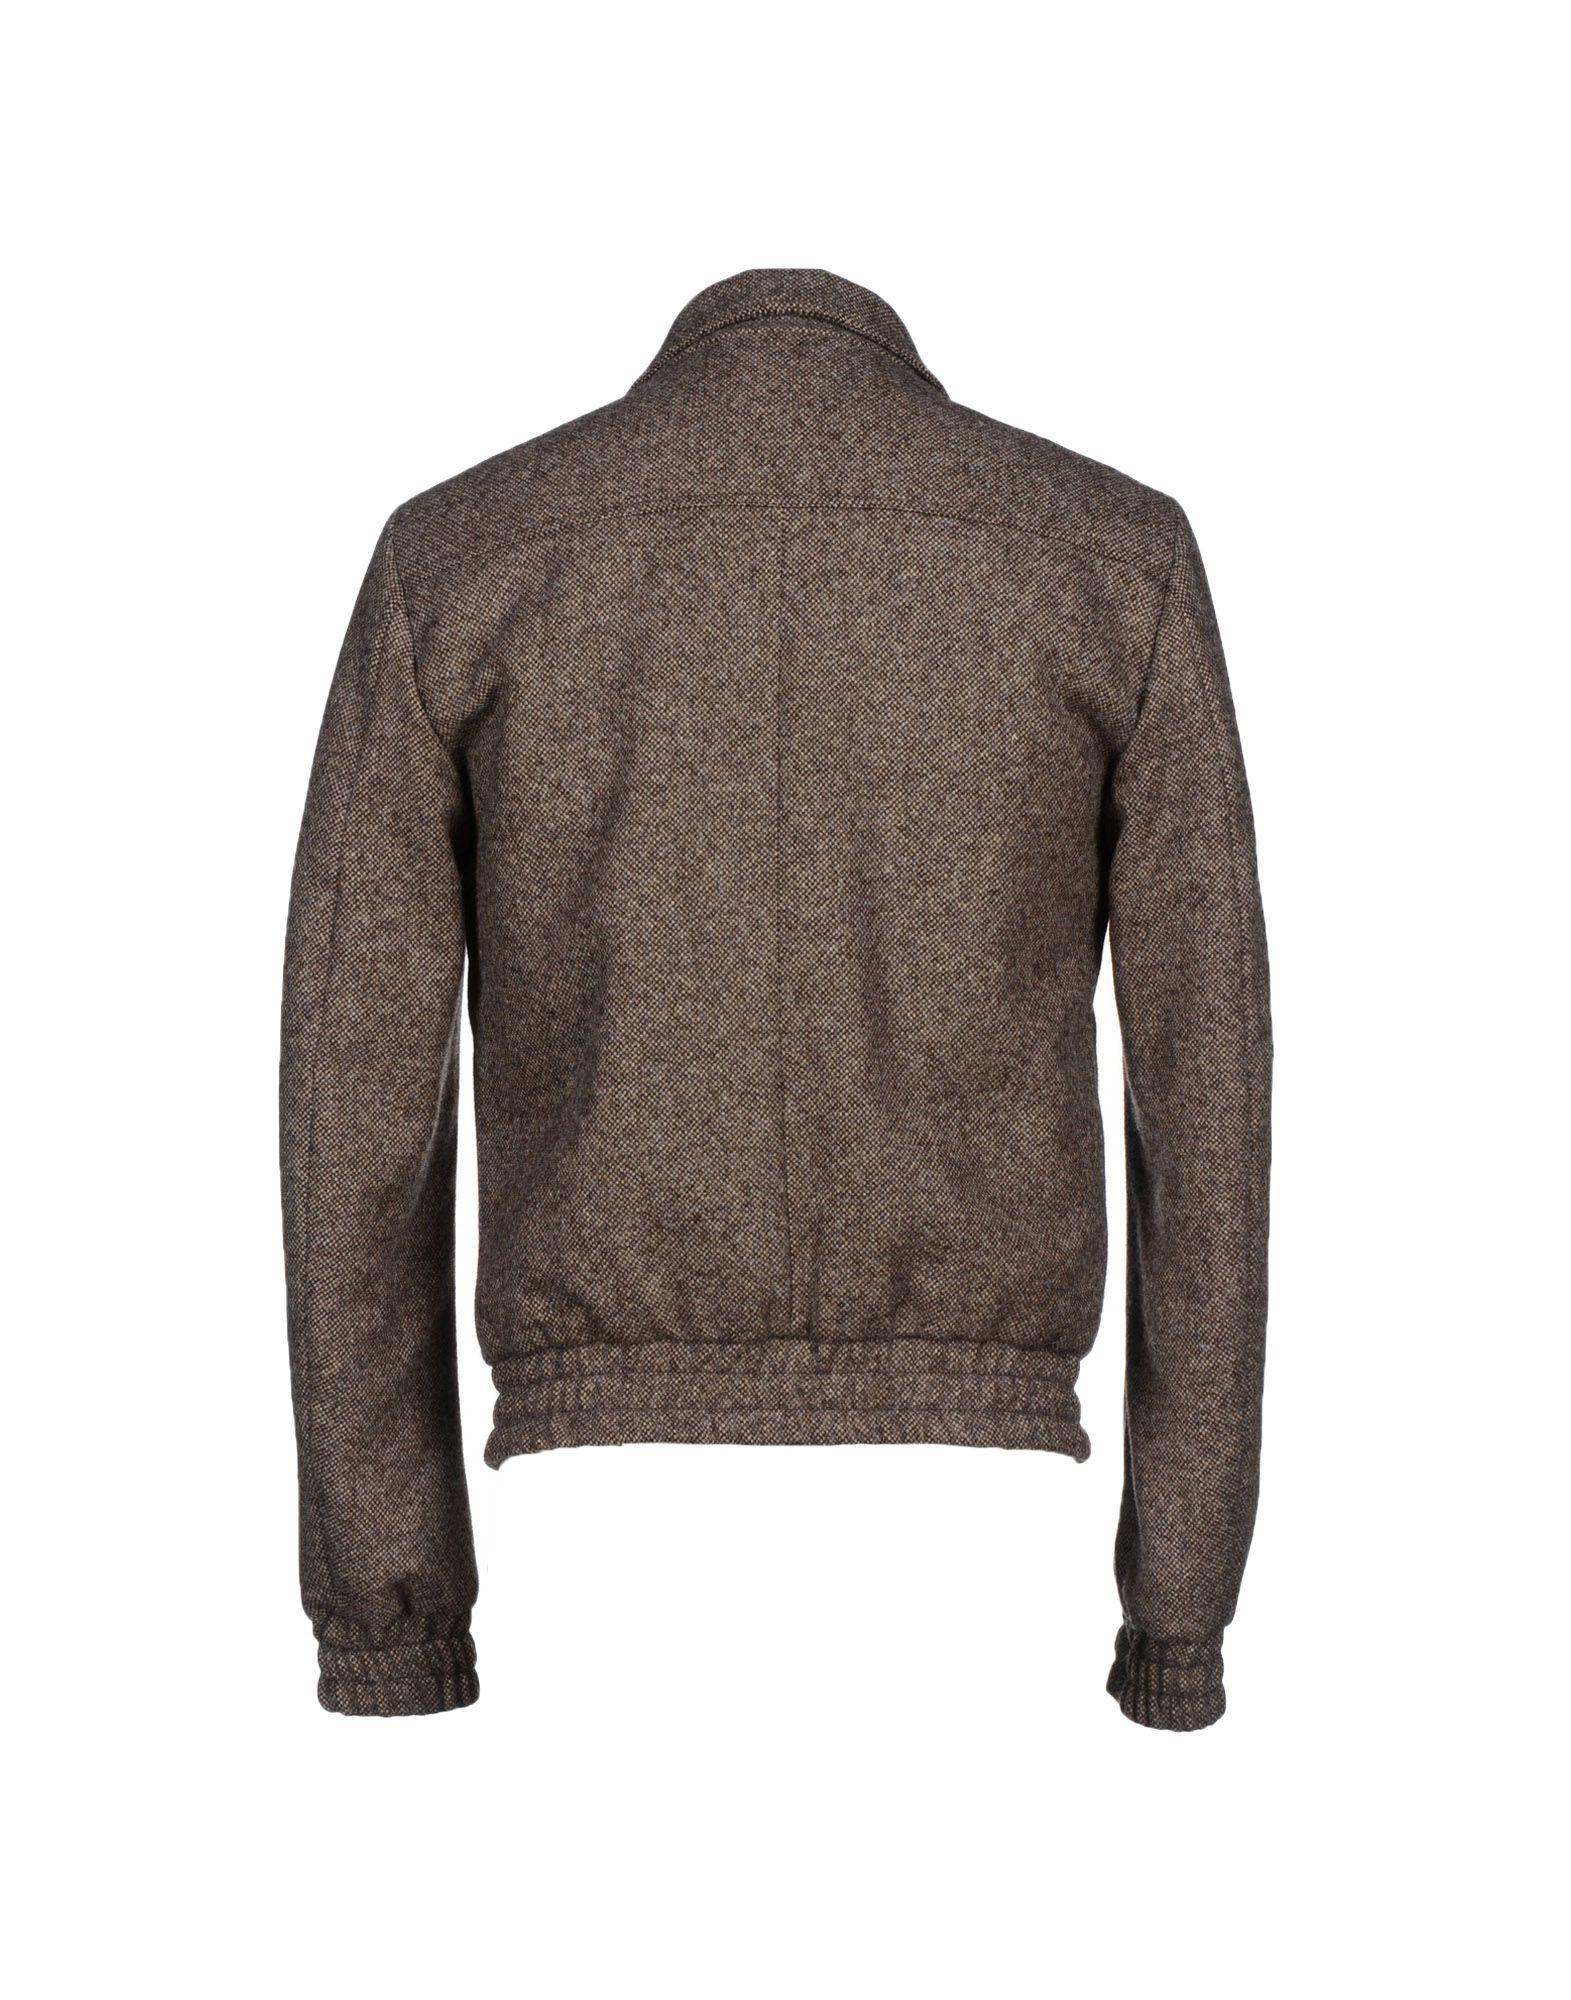 lyst dolce gabbana jacket in natural for men. Black Bedroom Furniture Sets. Home Design Ideas